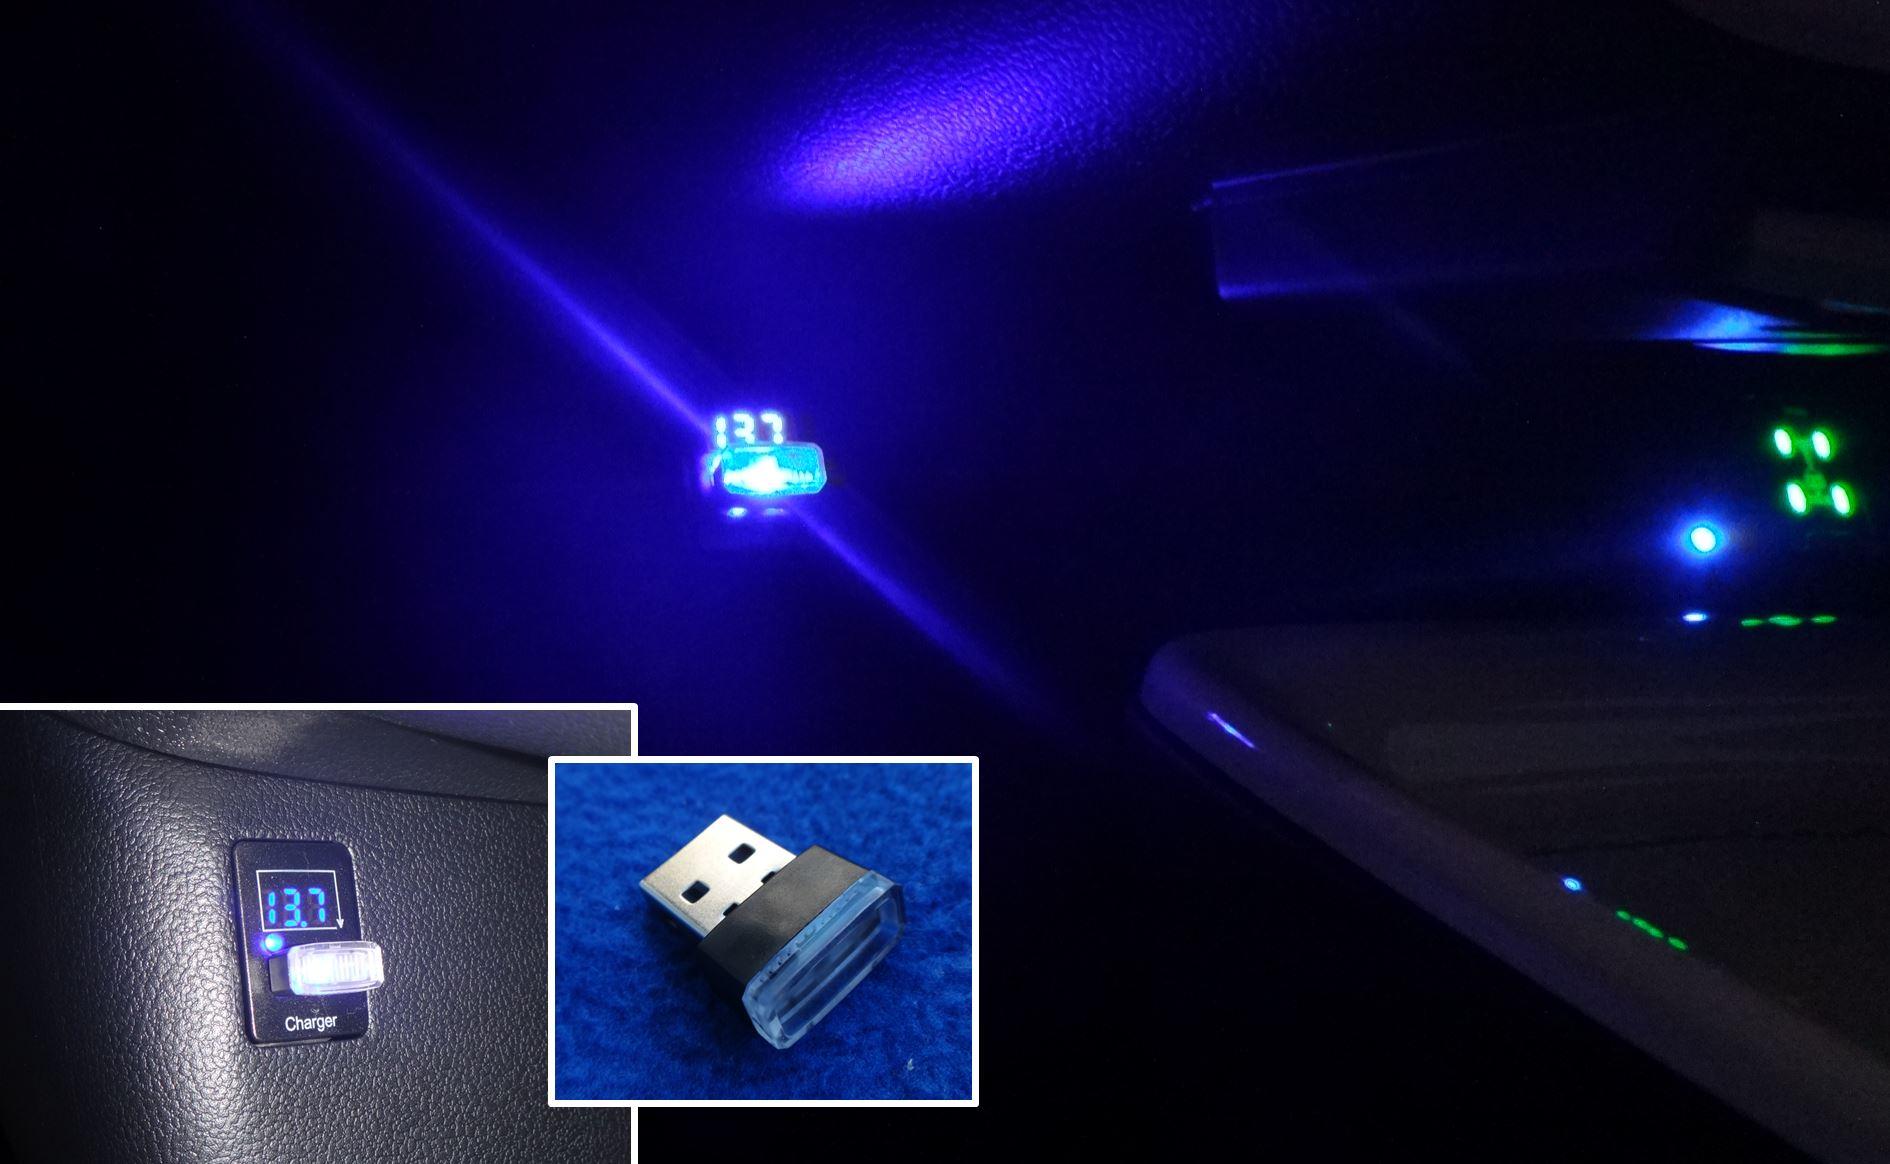 星光産業 USBポート イルミネーション カバー BL 購入しました。